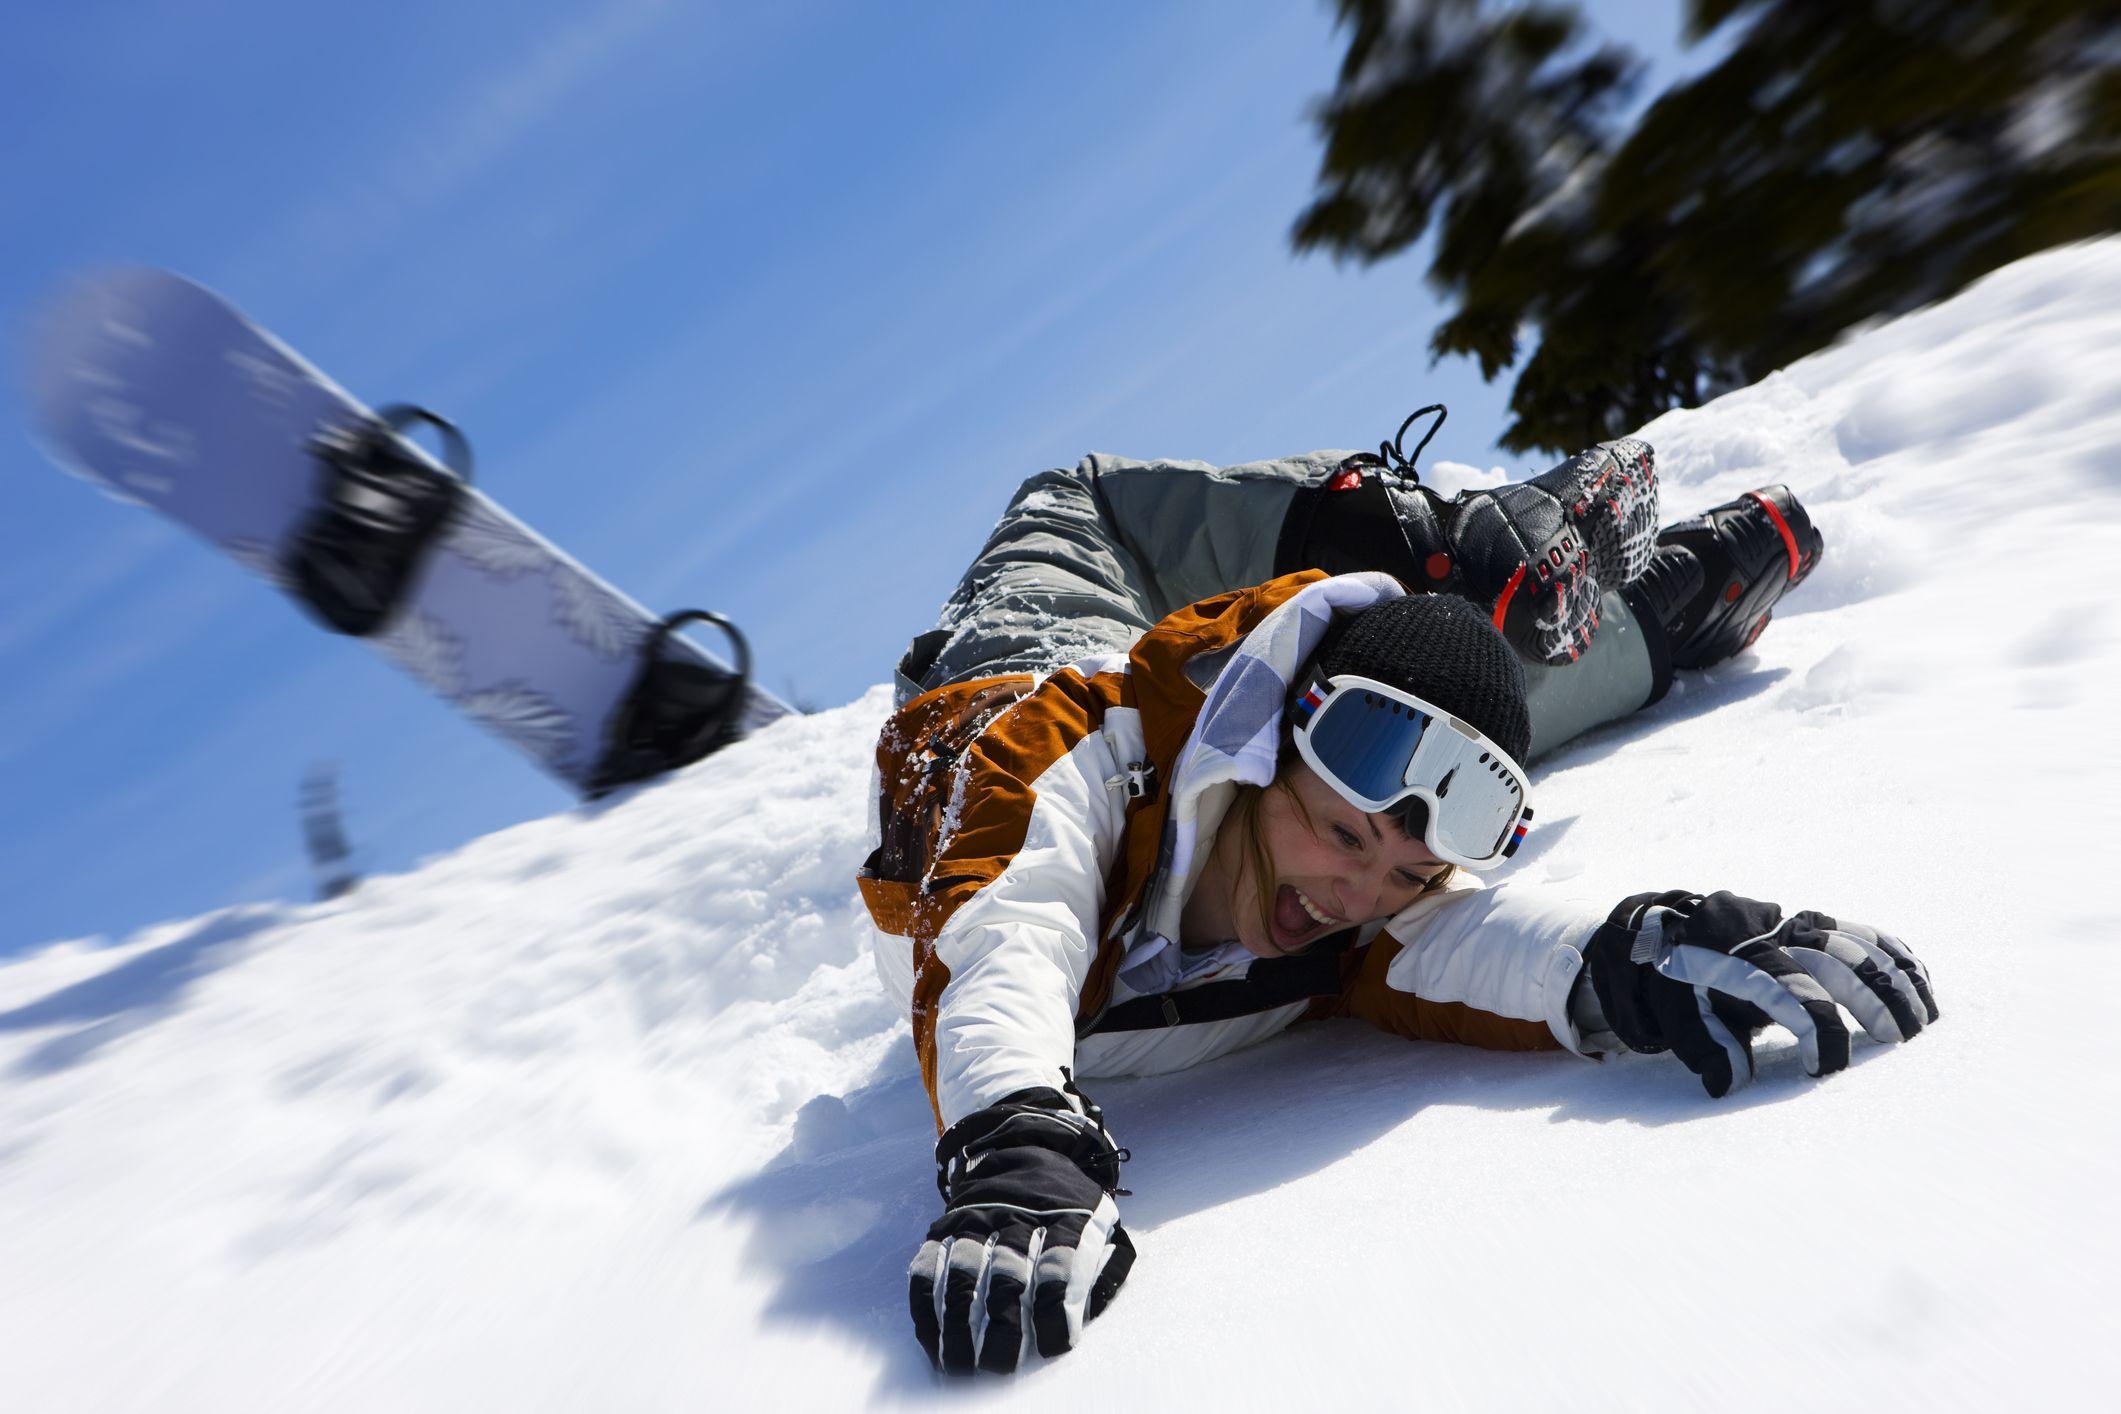 The 9 Best Snowboard Gloves